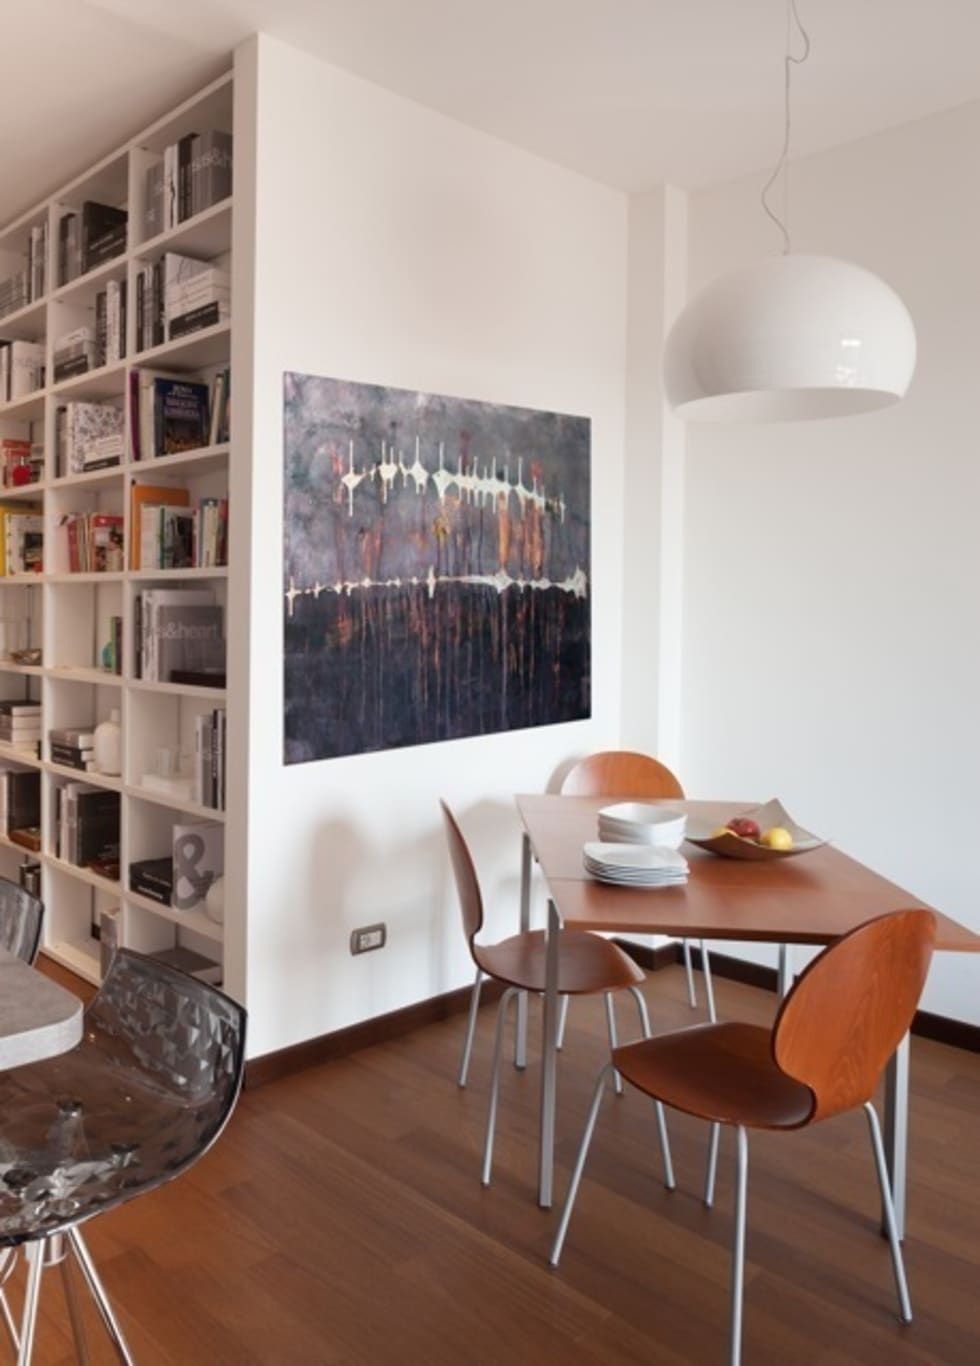 Pranzo: Sala da pranzo in stile in stile Moderno di gk architetti  (Carlo Andrea Gorelli+Keiko Kondo)